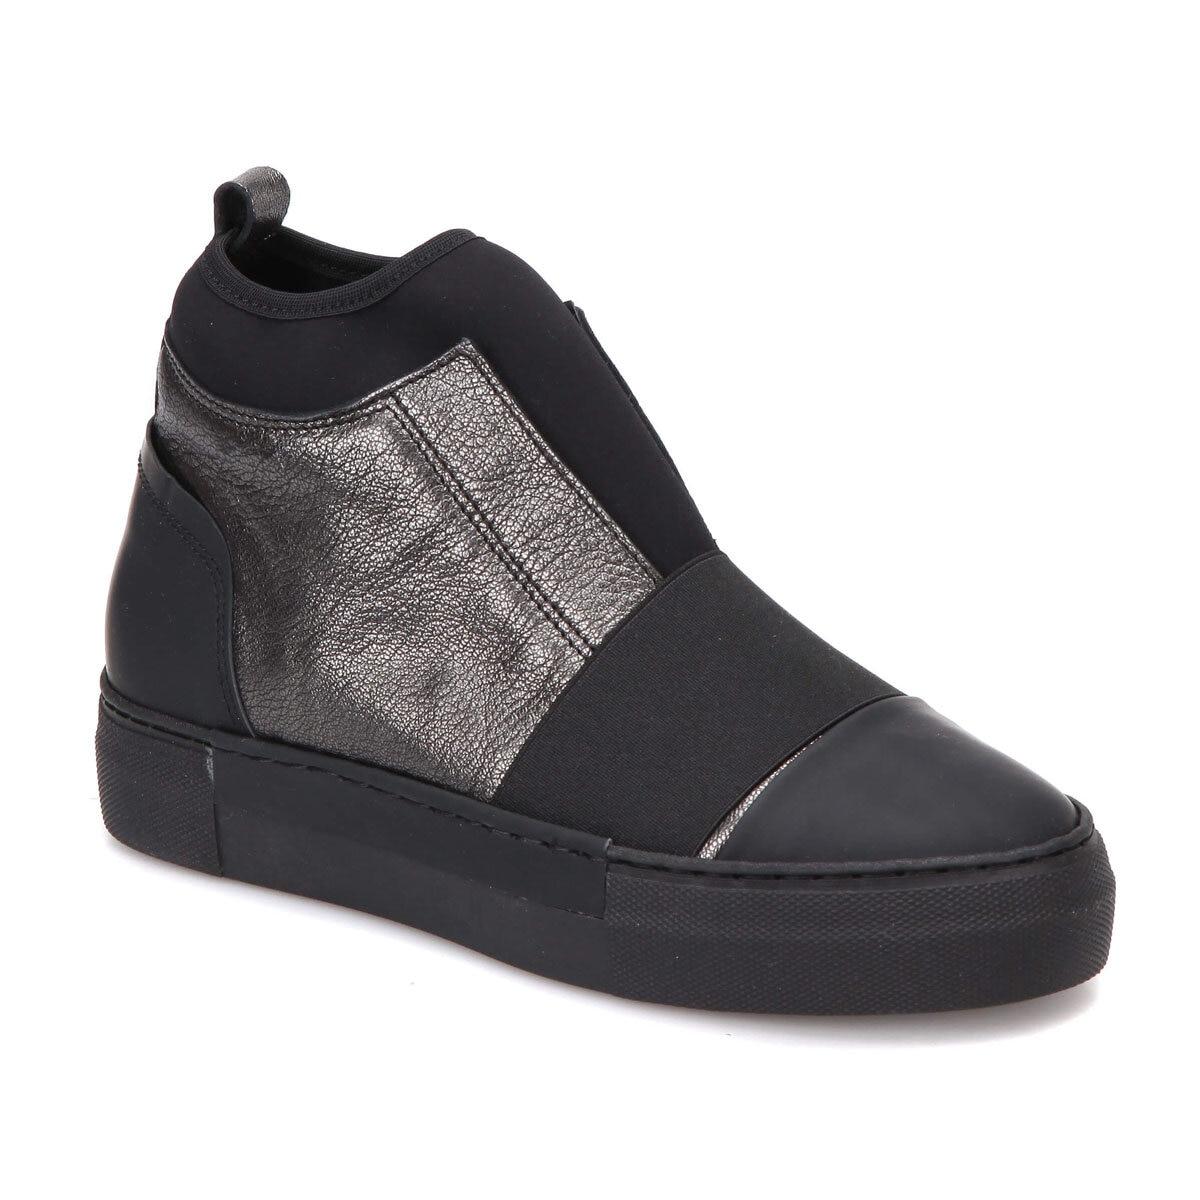 FLO 2886/19-17SK Black Women Shoes BUTIGO